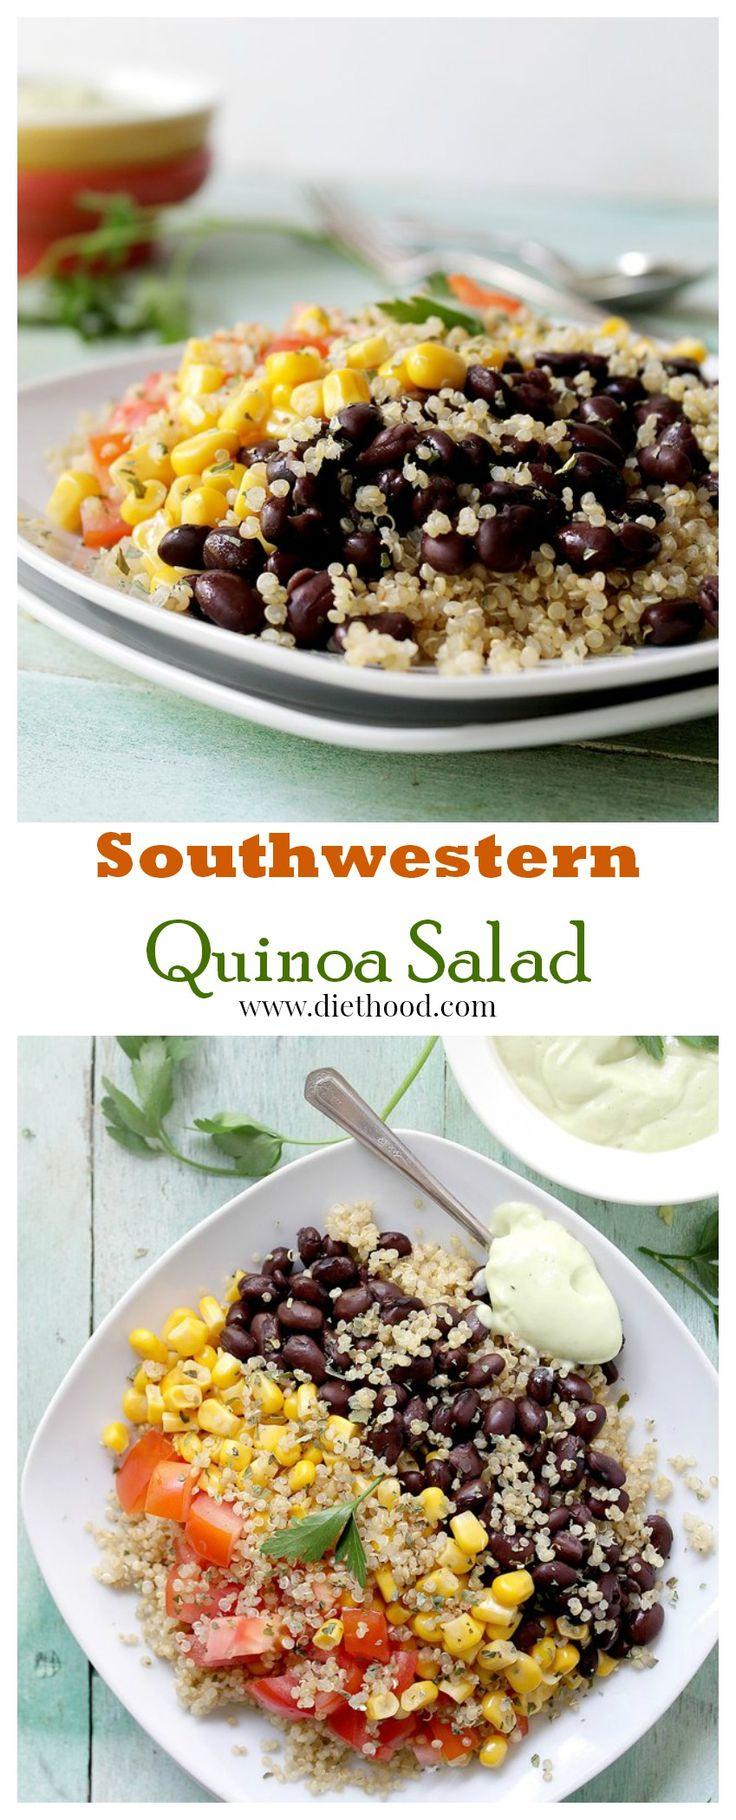 Southwestern Quinoa Salad with Creamy Avocado Dressing | www.diethood.com | #recipe #quinoa #salad